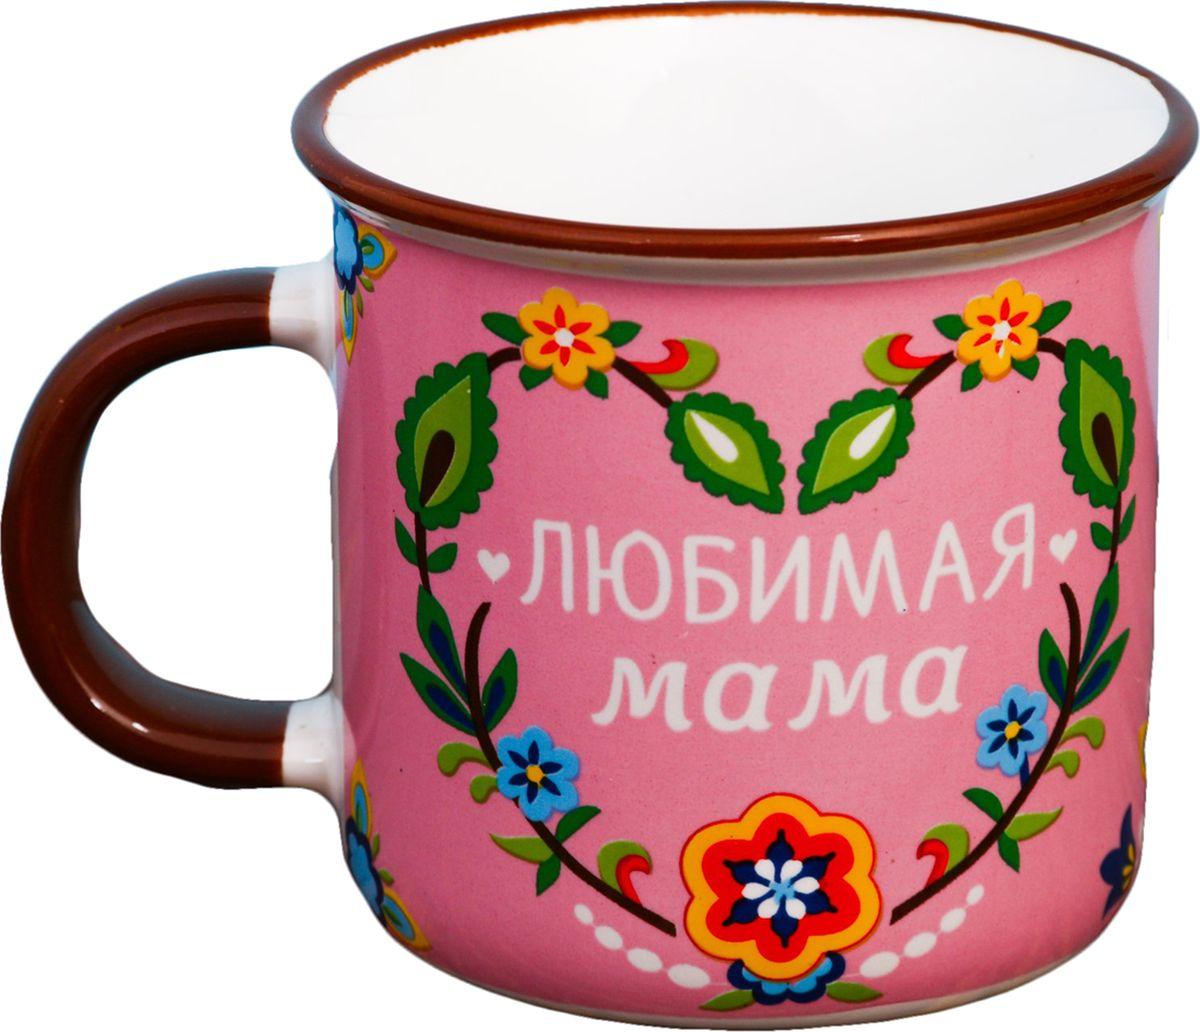 Кружка Любимая мама, цвет: розовый, 200 мл2434050Кружка выполнена в винтажном стиле. Такой аксессуар — символ целой эпохи, о которой у многих остались тёплые воспоминания. Предмет украшен ярким рисунком и дополнен подарочной упаковкой.Практические достоинства кружки:можно использовать в посудомоечных машинах и СВЧ-печах,ручка не нагревается от горячих жидкостей.